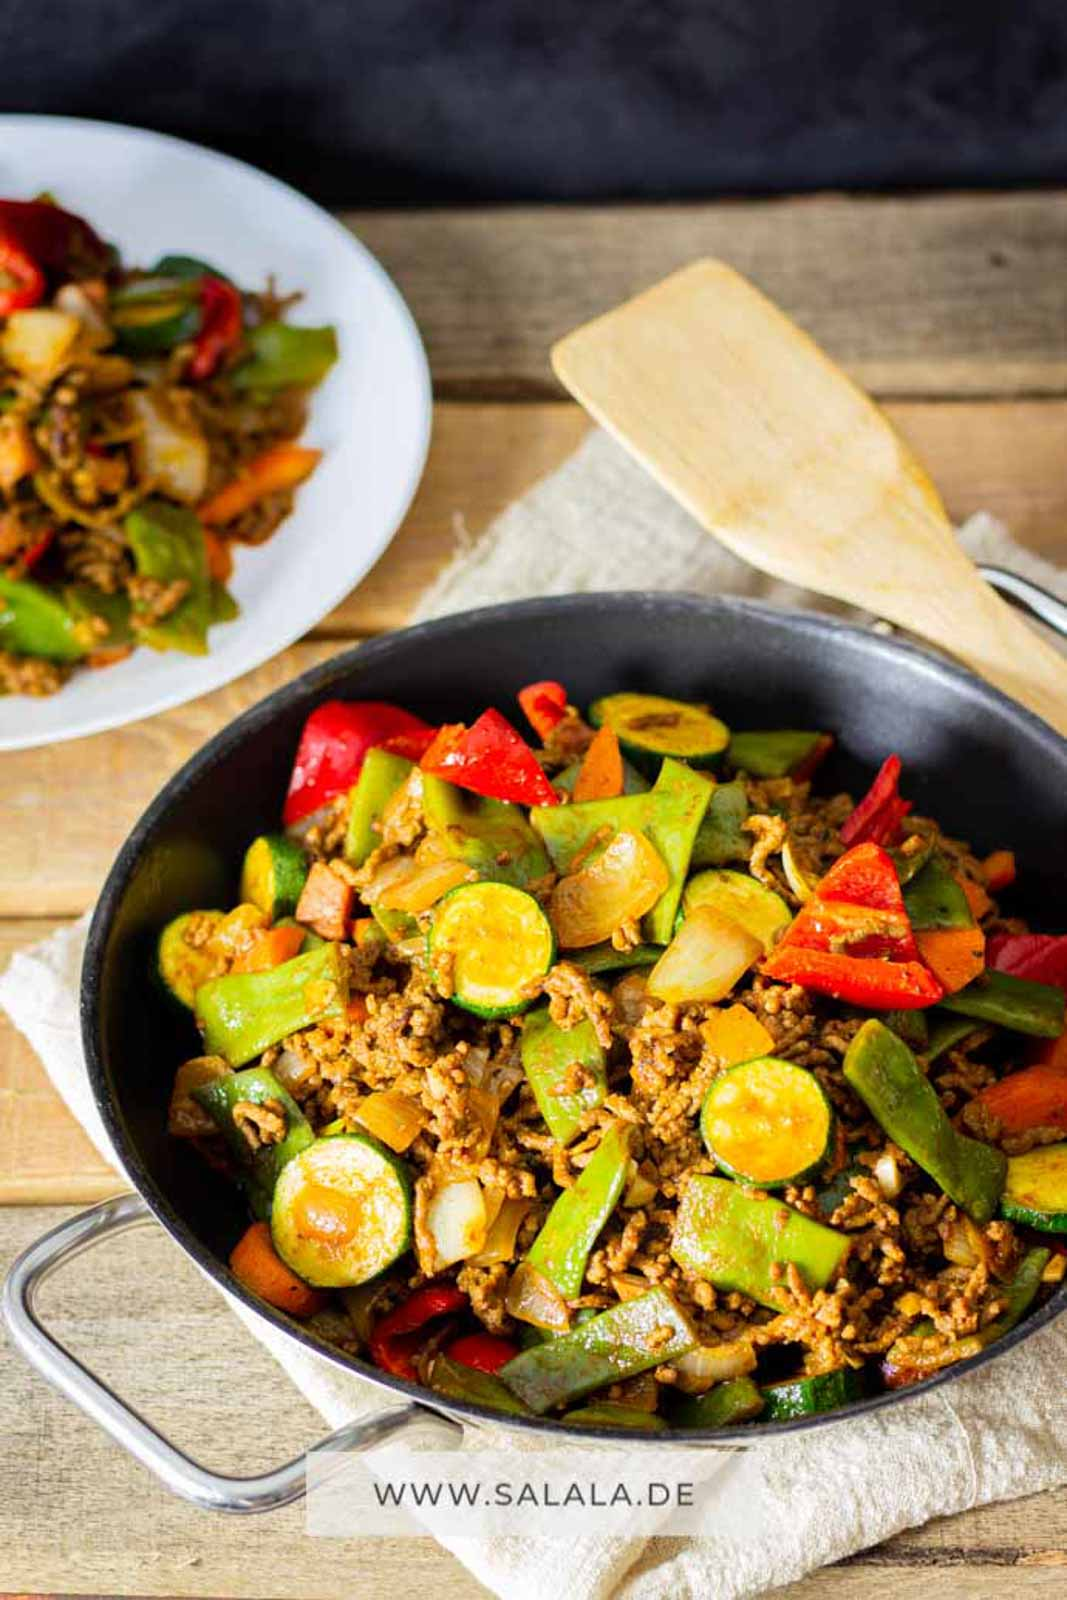 Die einfachsten Gerichte sind doch immer die Besten. Was hältst du denn von einer leckeren Hackfleischpfanne mit buntem Gemüse? Klingt gut? Ist auch total Low Carb und das Rezept nicht schwer zum nachkochen. #lowcarbrezepte #hackfleischpfanne #lowcarbkochen #gemüsepfanne #zucchinipfanne #rezeptemithackfleisch #lowcarbrezeptemithackfleisch